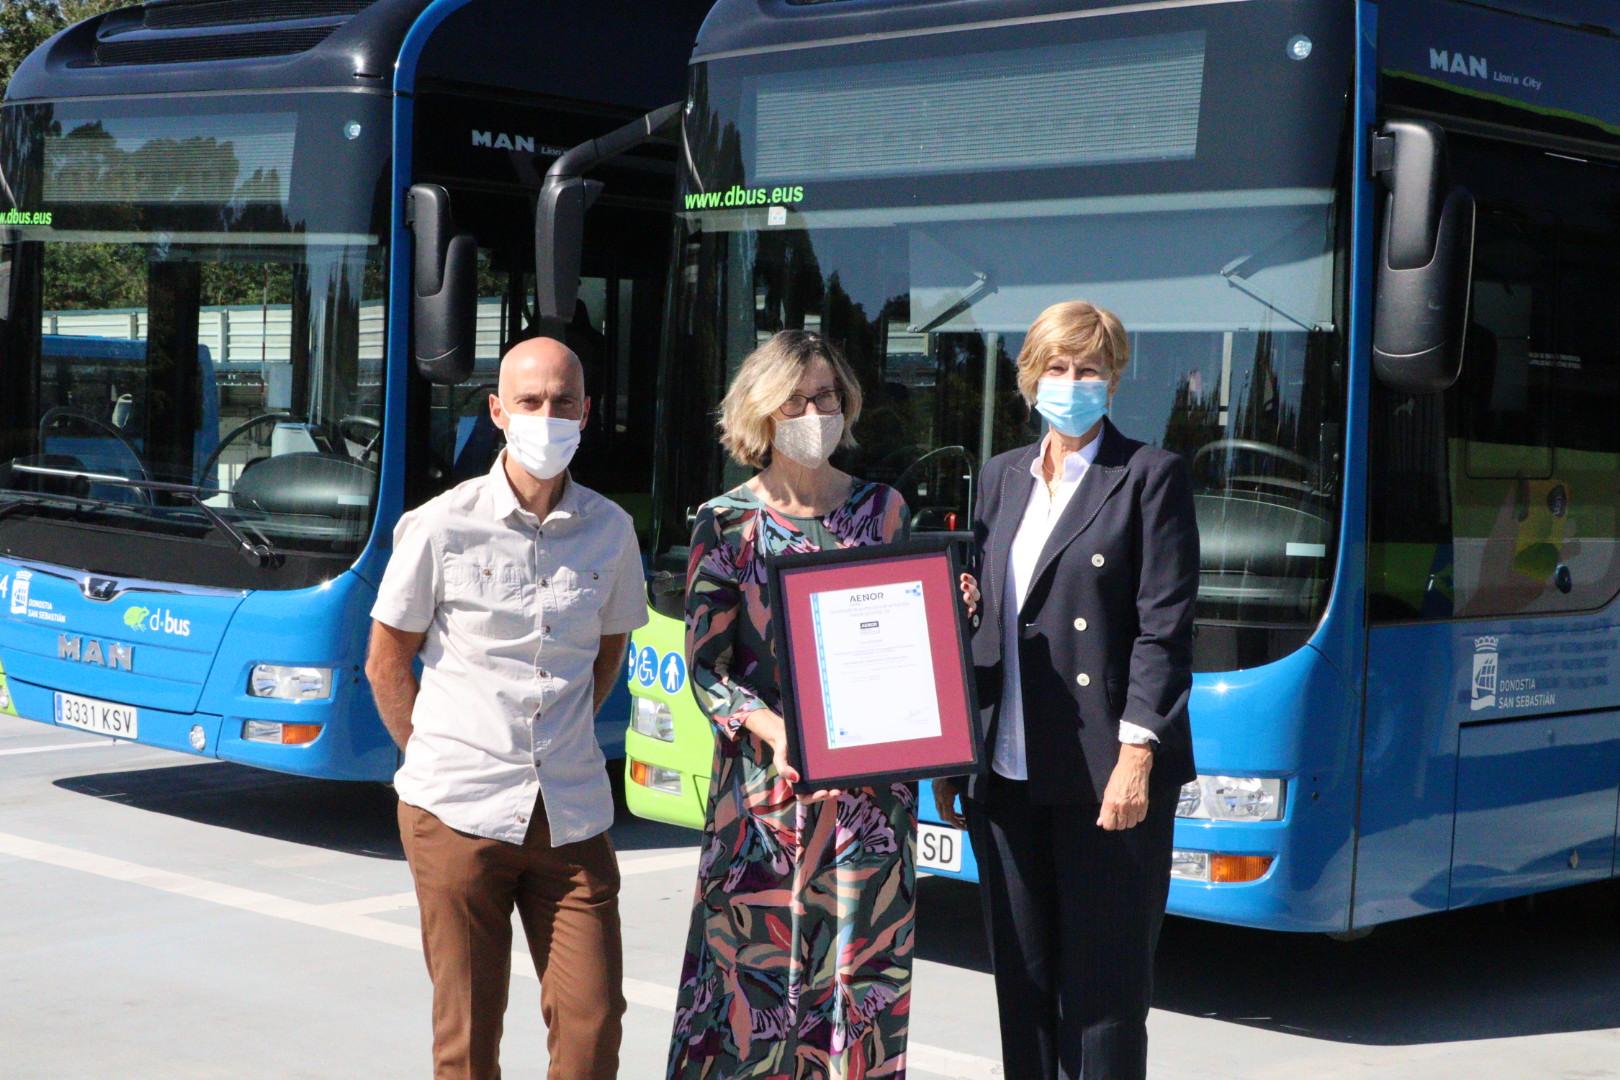 Pilar Arana, concejala de Movilidad, Igor Gonzalez, director Gerente de Dbus y Luz Emparanza directora de AENOR en Euskadi. Foto: Ayuntamiento de Donostia